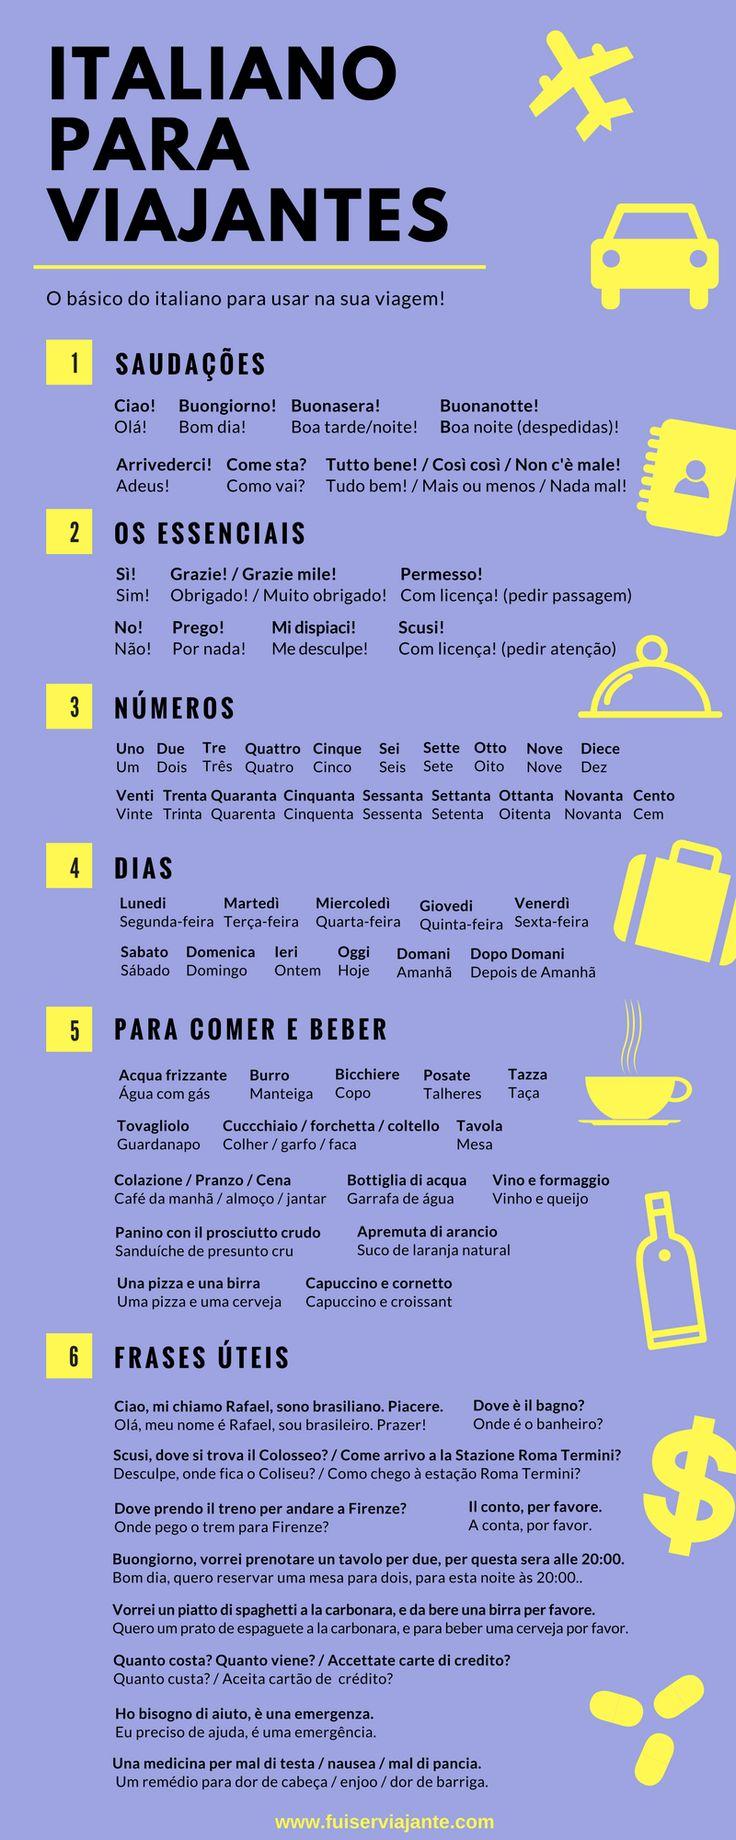 Dicas de italiano básico para viajantes! Itália, viagem, italiano, idiomas, aprenda italiano, onde comer na itália, comer barato na Itália